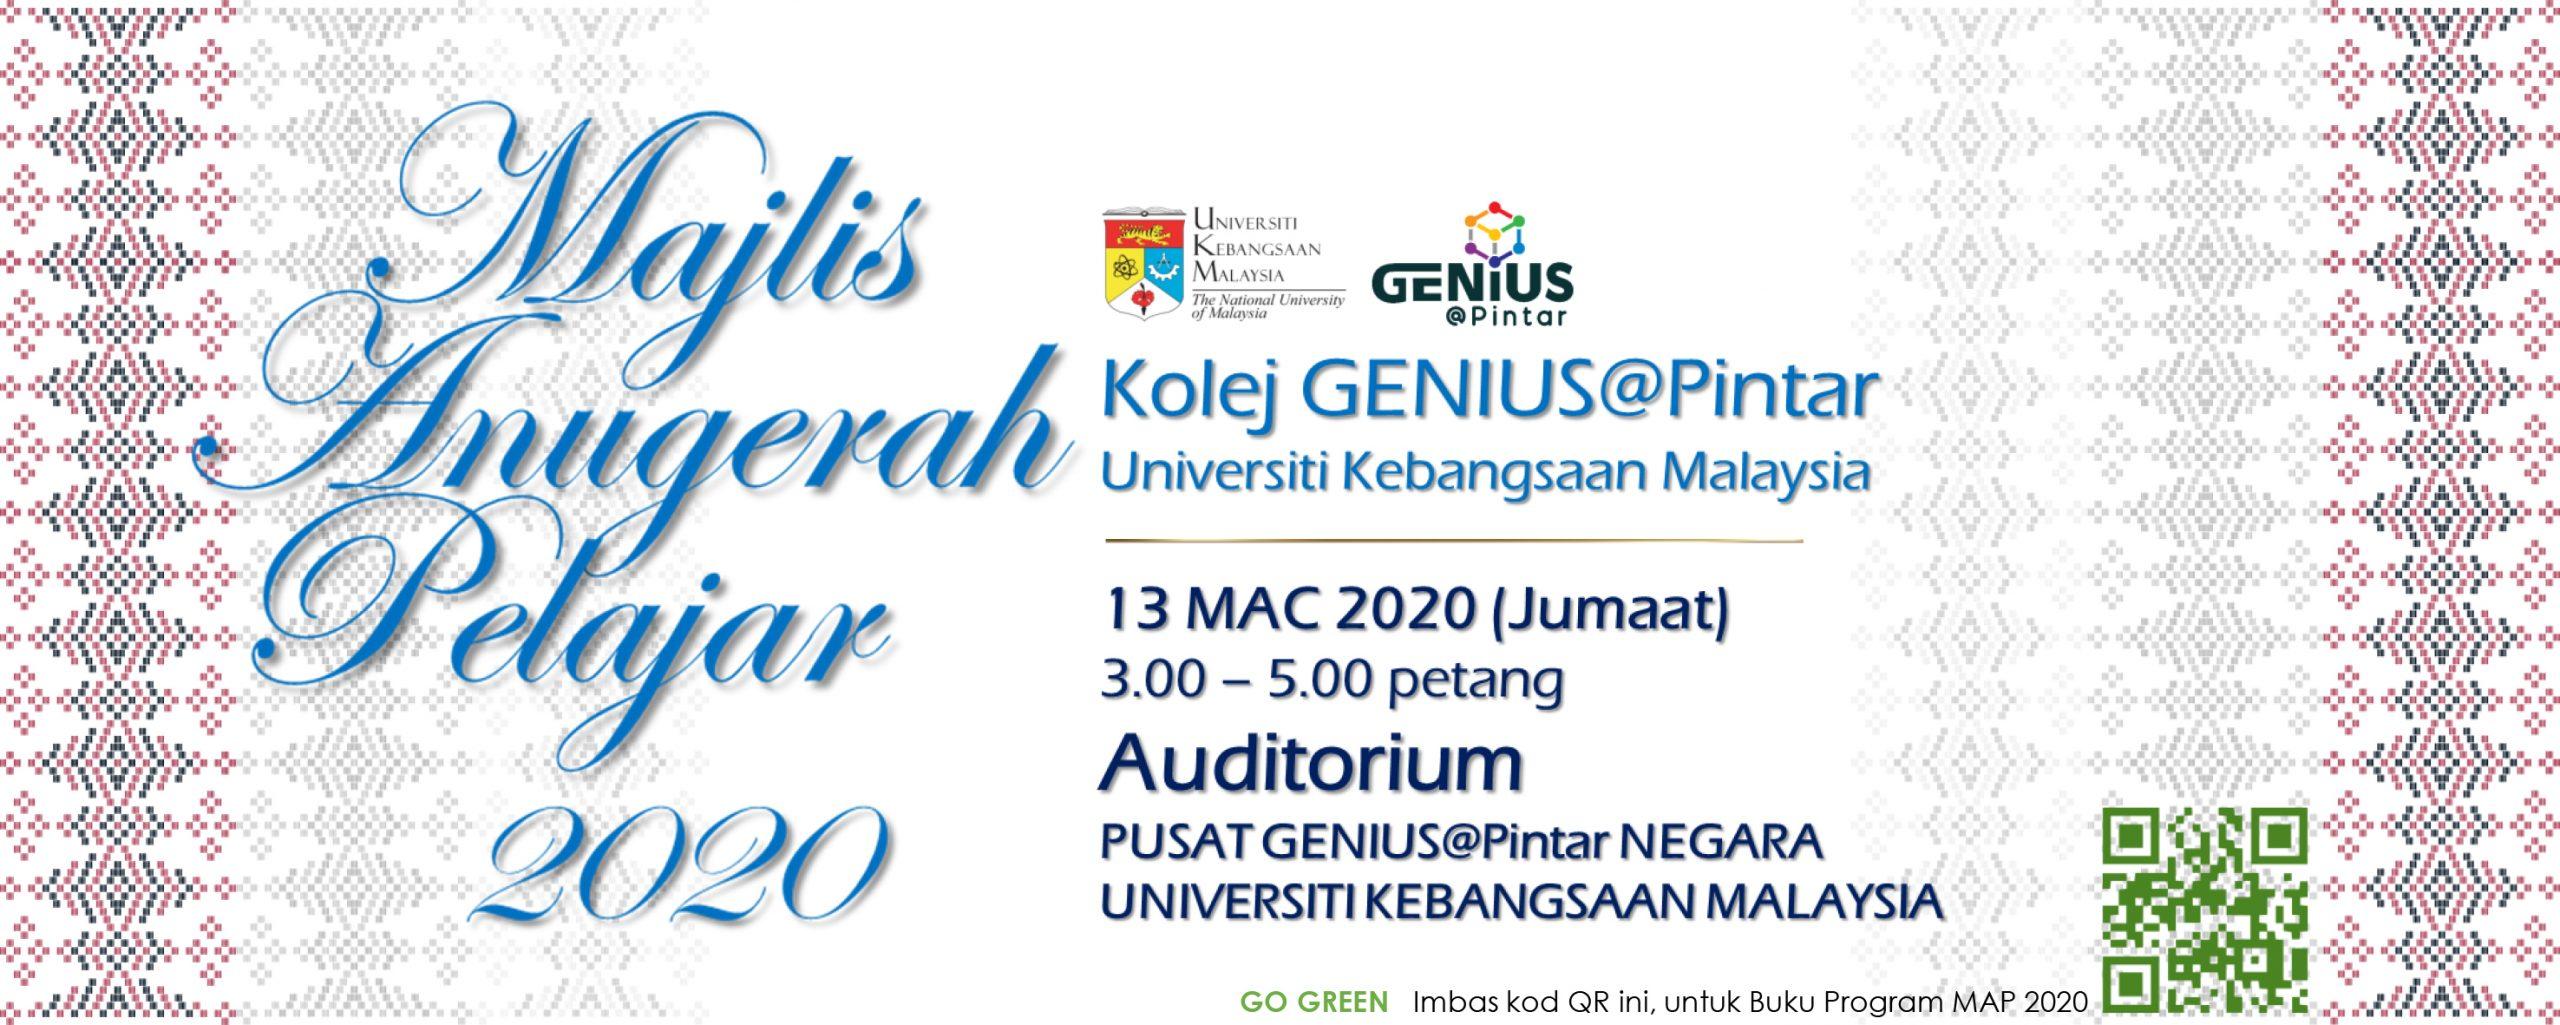 Majlis Anugerah Pelajar 2020